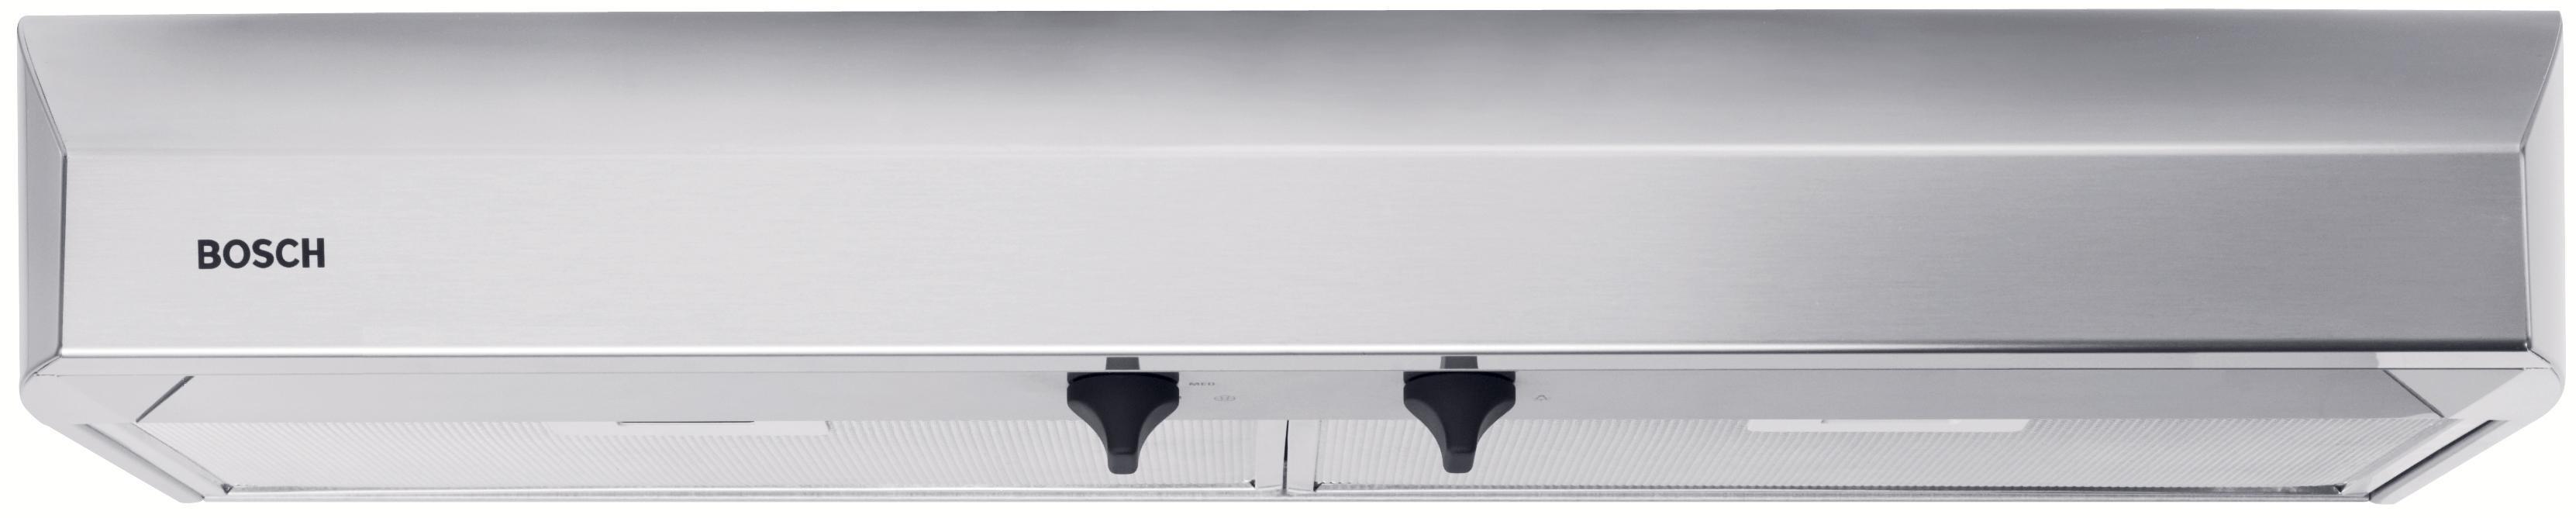 """Bosch Ventilation 36"""" Under-the-Cabinet Range Hood - Item Number: DUH36152UC"""